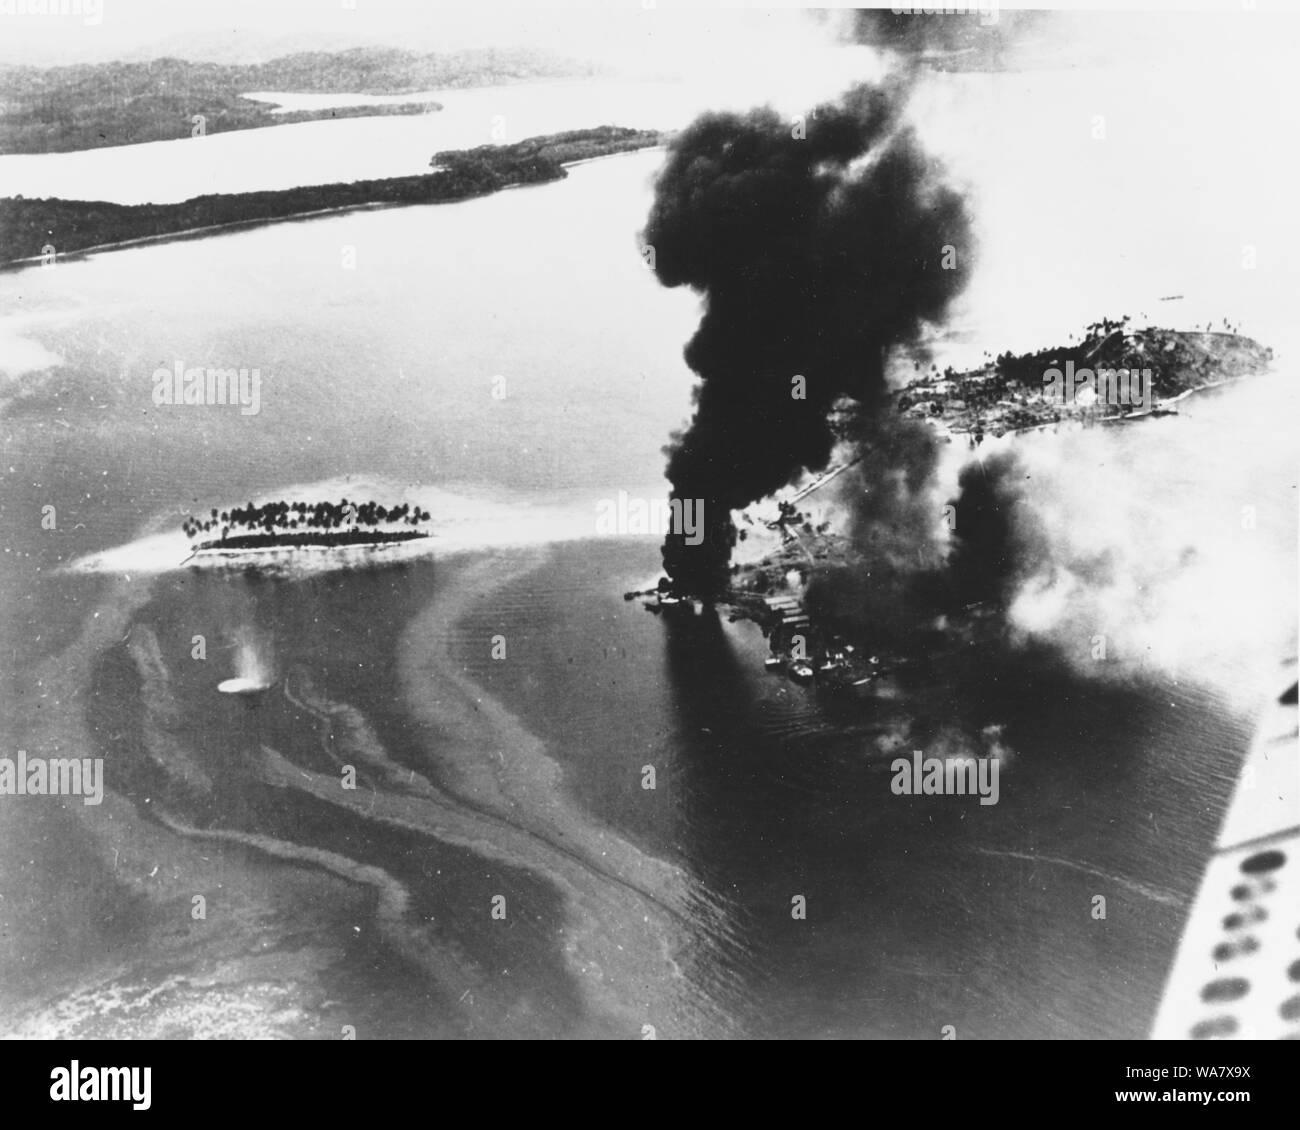 Guadalcanal-Tulagi les débarquements, 7-9 août 1942 installations japonaises sur la combustion, à l'Est de l'île de Tanambogo Tulagi, le 7 août 1942, le premier jour de l'invasion. Cette opinion semble d'ESE, avec le droit à l'île de Gavutu, connecté à Tanambogo par une chaussée. Petite île à gauche. Dongbei est Banque D'Images